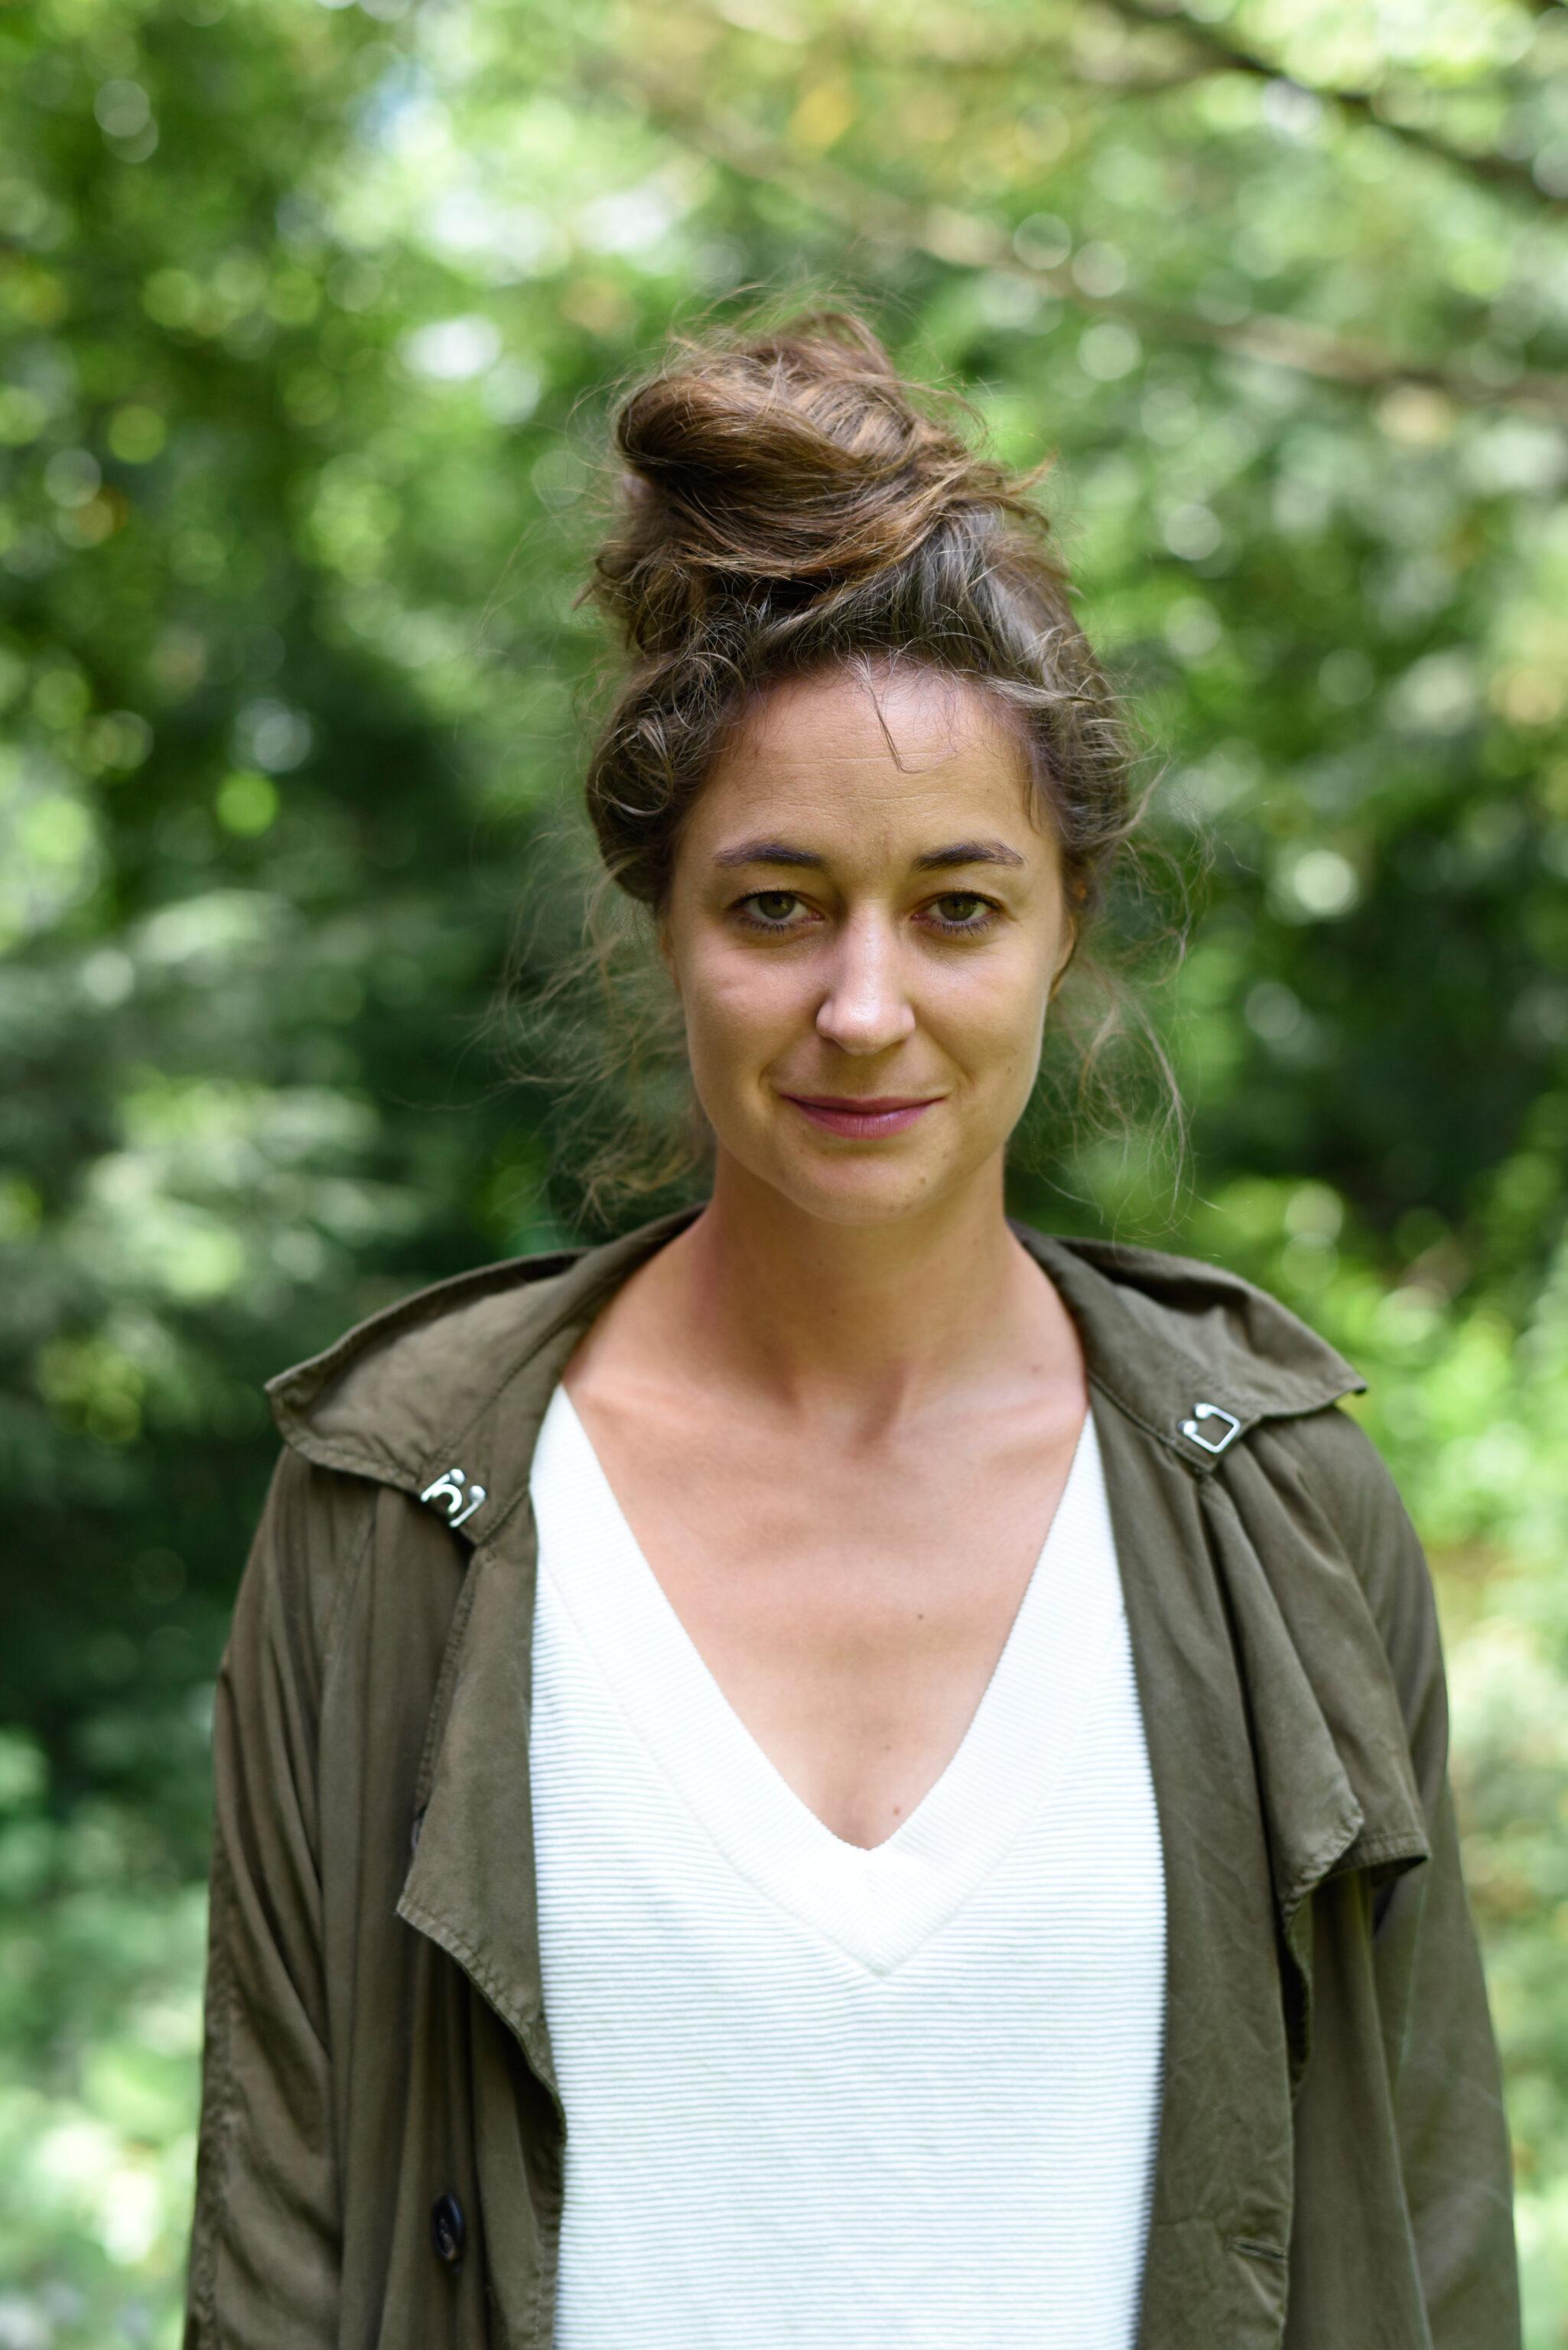 Aline Wüst hat 2 Jahre lang im Rotlichtmilieu recherchiert für ihre Reportage «Piff, Paff, Puff»